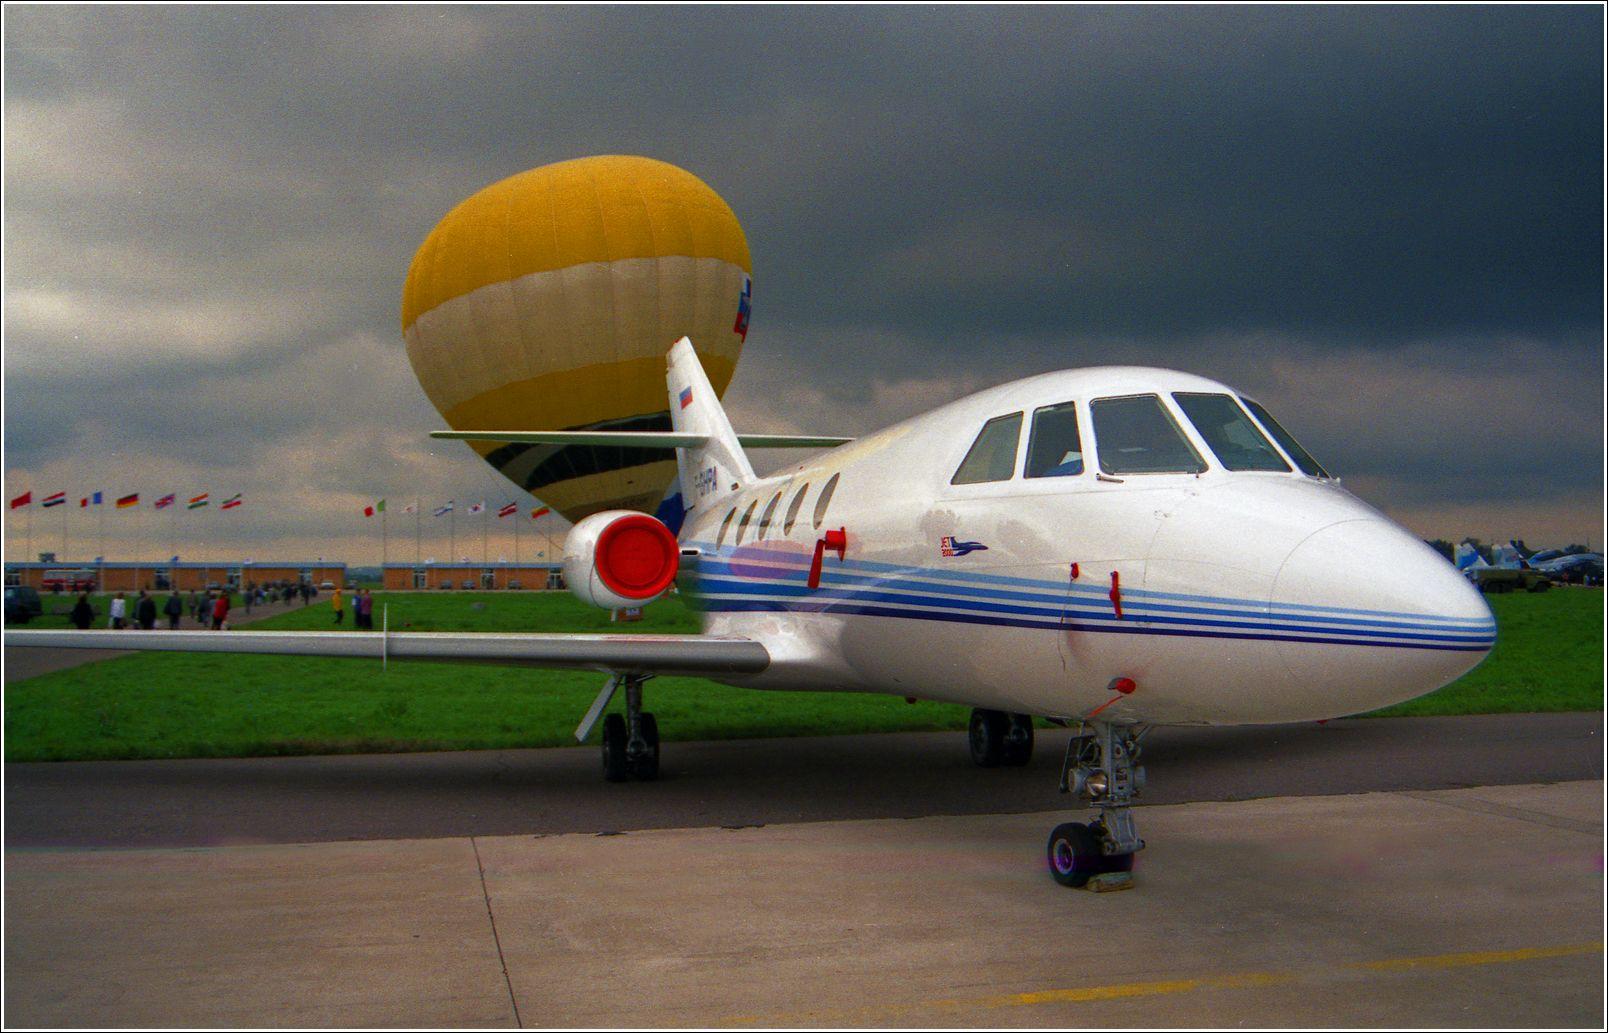 Бизнес-Джет (1999 год) Бизнес-Джет самолент авиация стоянка Жуковский 1999